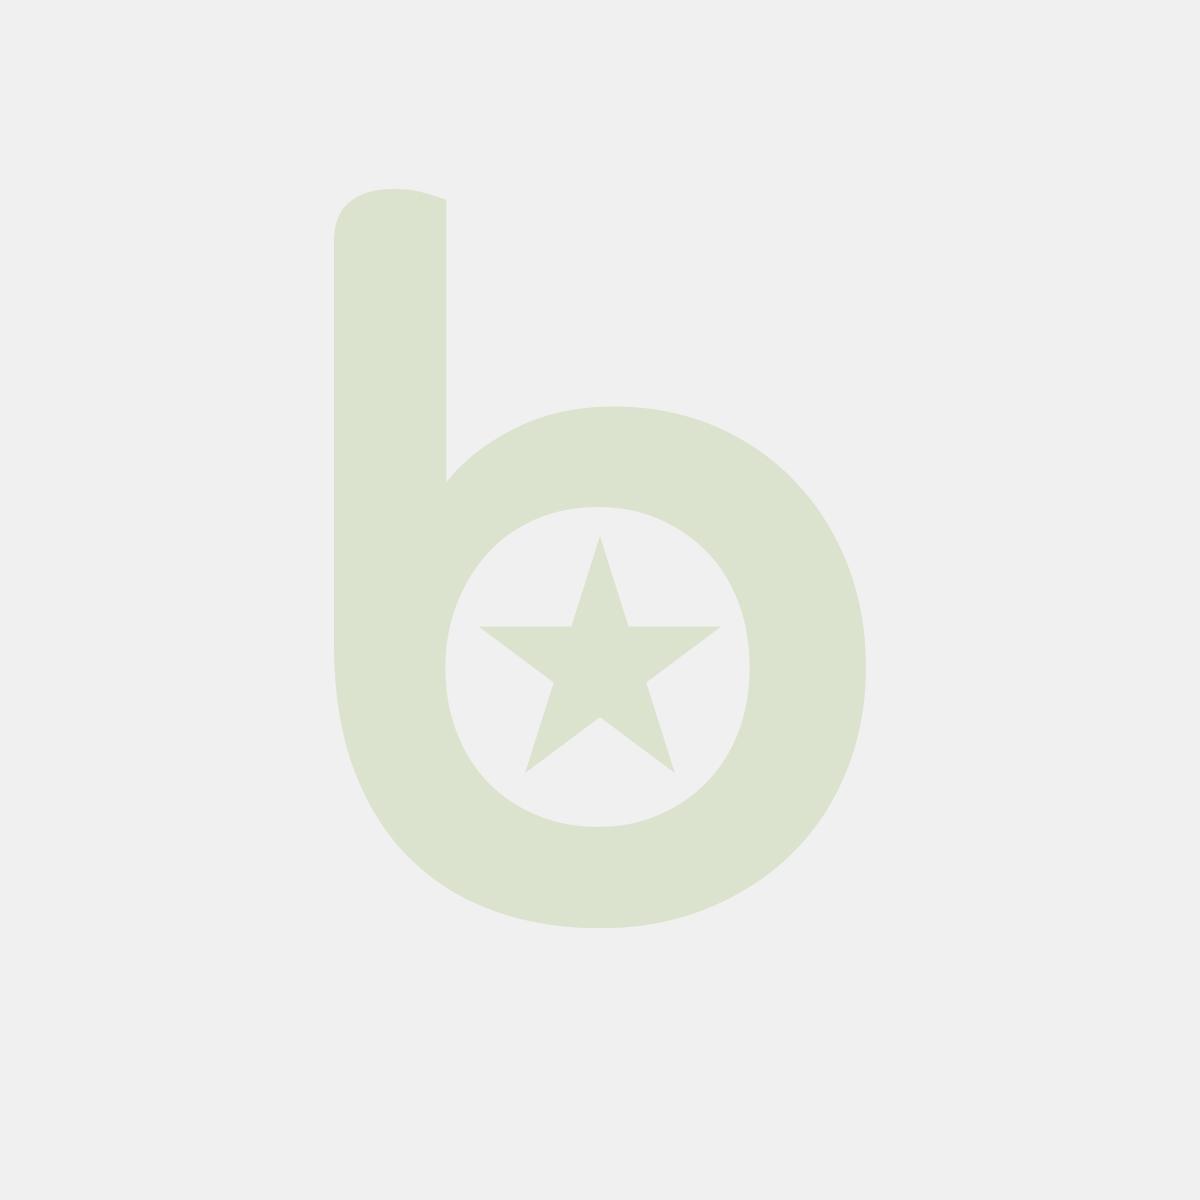 Odświeżacz powietrza CLINEX Scent Tasmański Czar 500ml 77-901, skoncentrowany